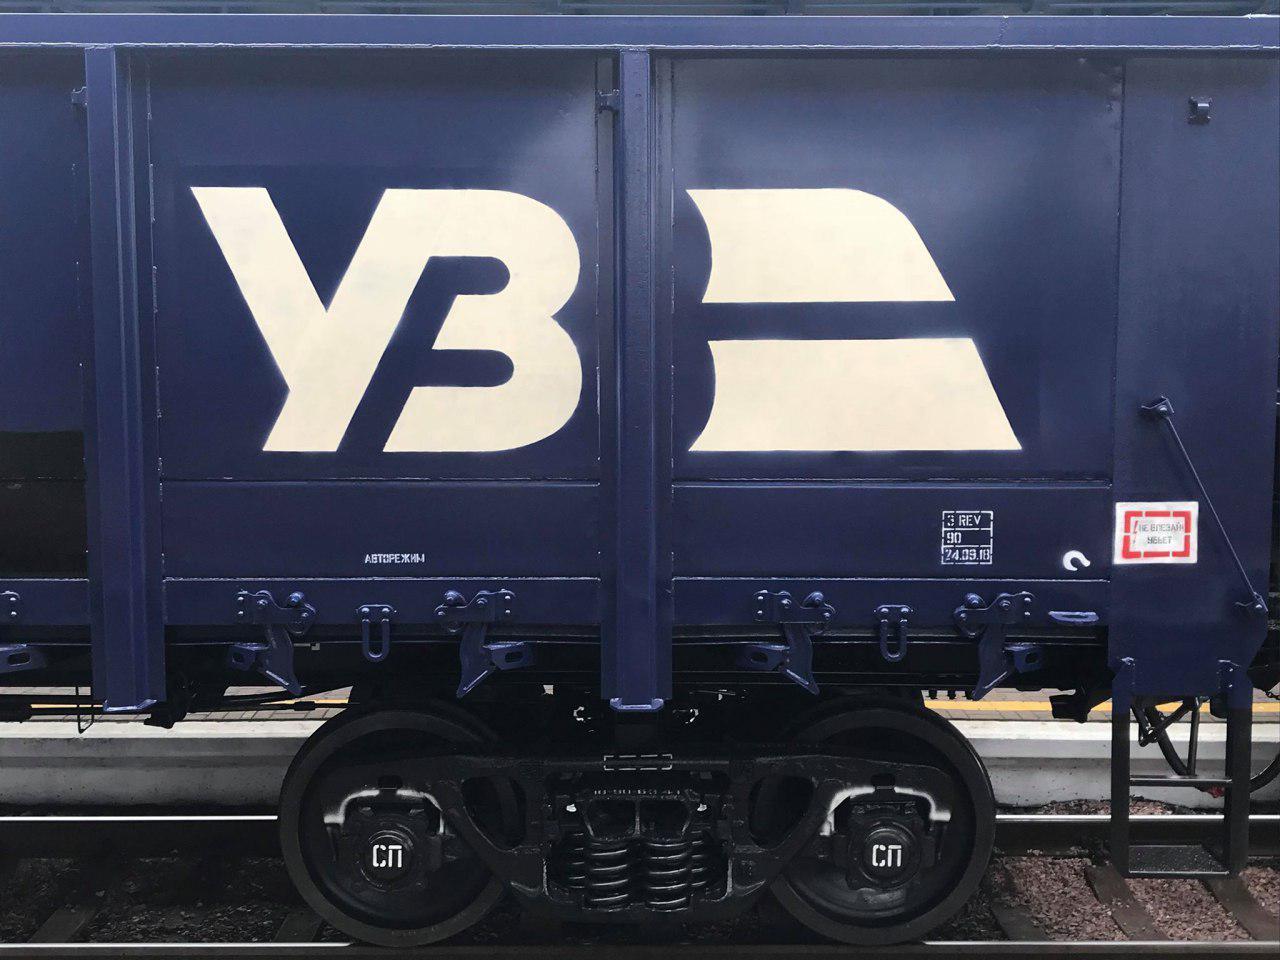 «Укрзализныця» планирует внедрить ряд ограничений для некоторых станций. Украинцы в шоке!